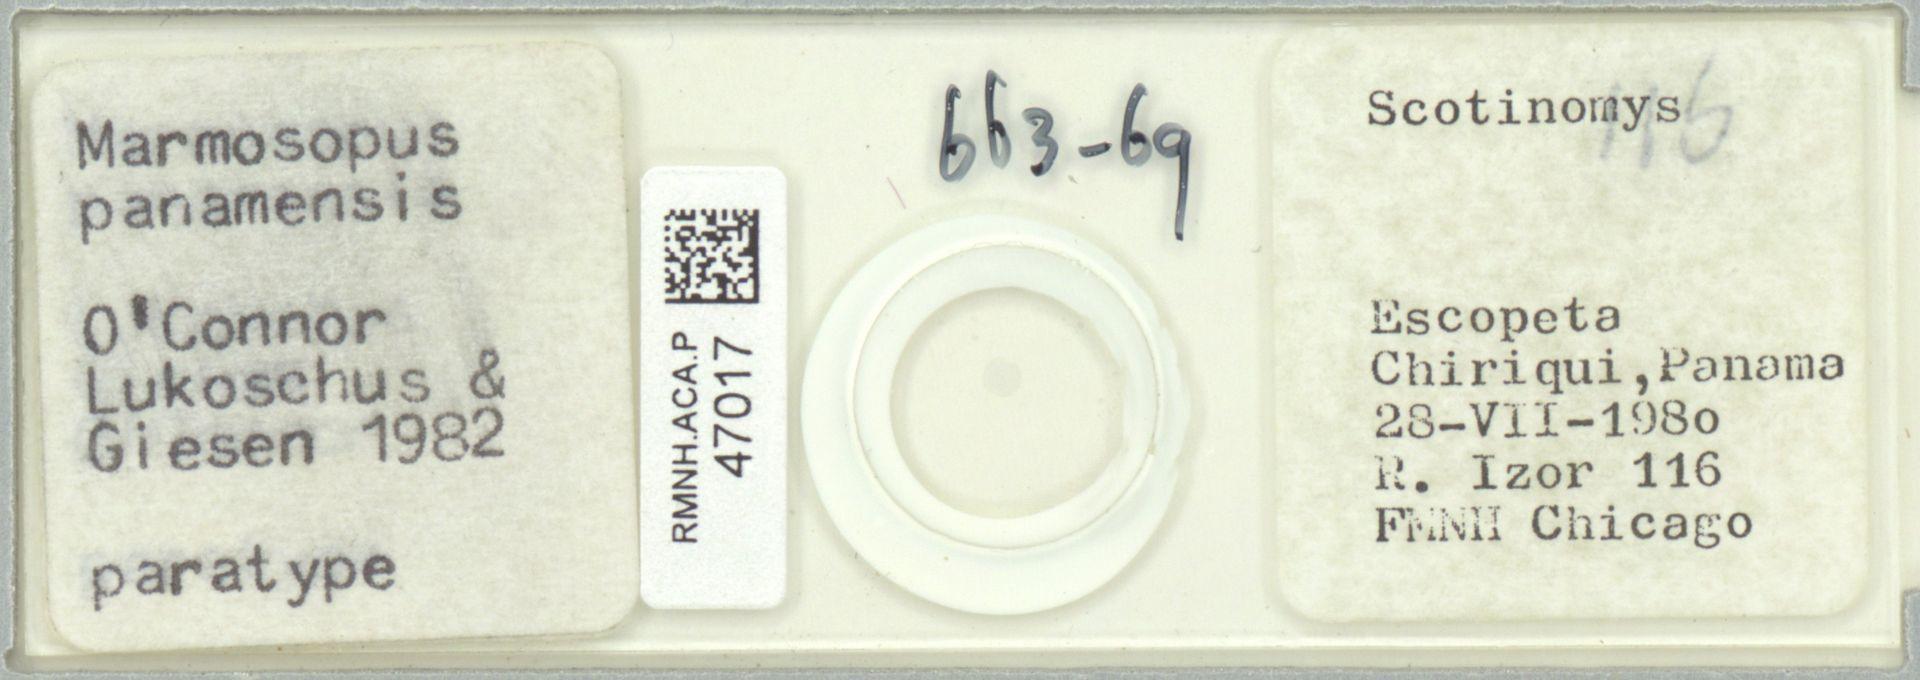 RMNH.ACA.P.47017 | Marmosopus panamensis O'Connor, Lukoschus & Giesen 1982